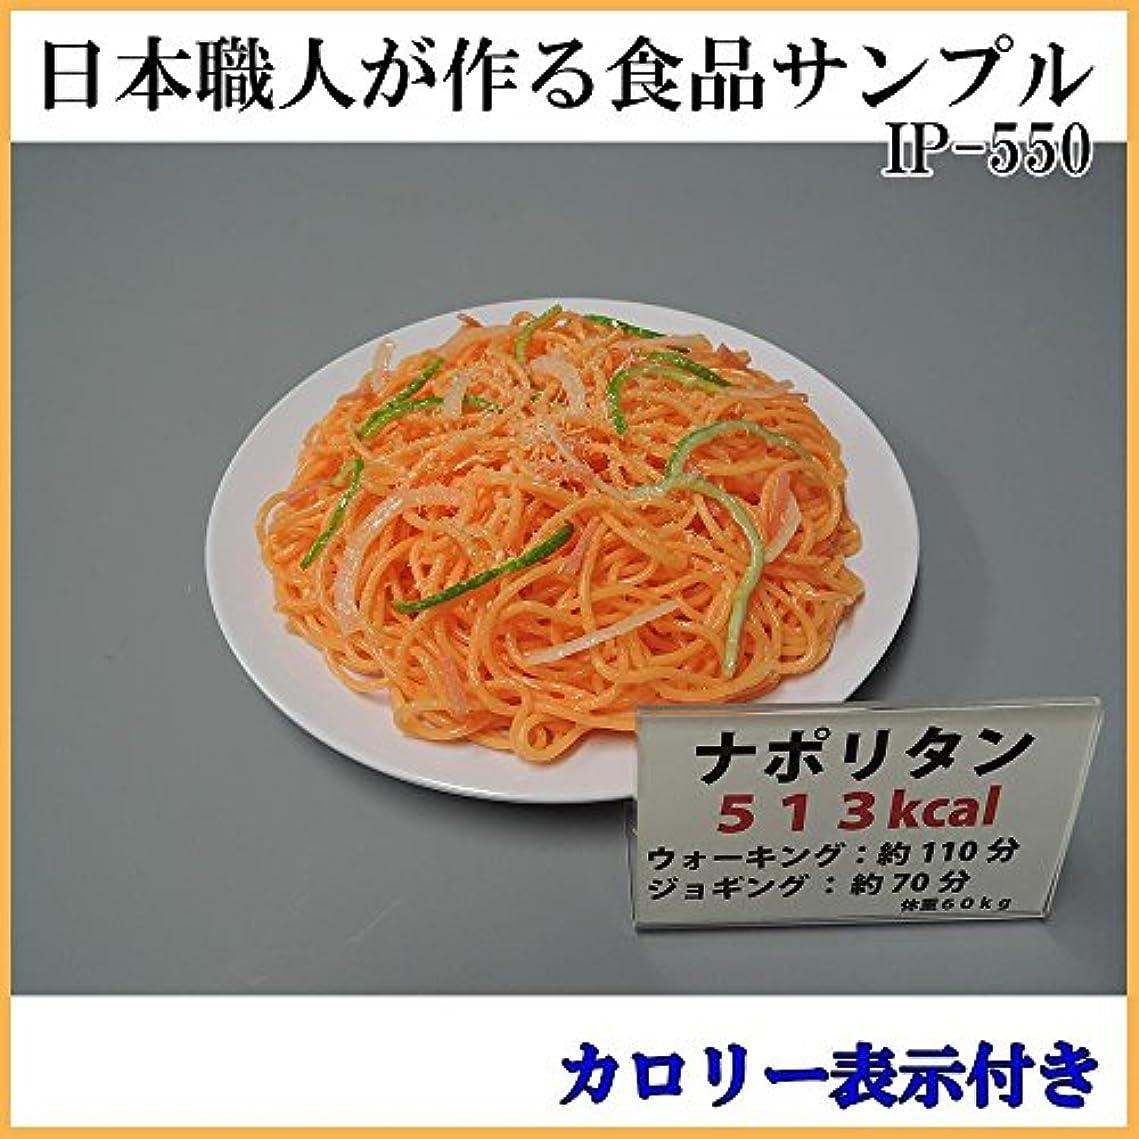 オーバーコート蜂ワーカー日本職人が作る 食品サンプル カロリー表示付き ナポリタン IP-550